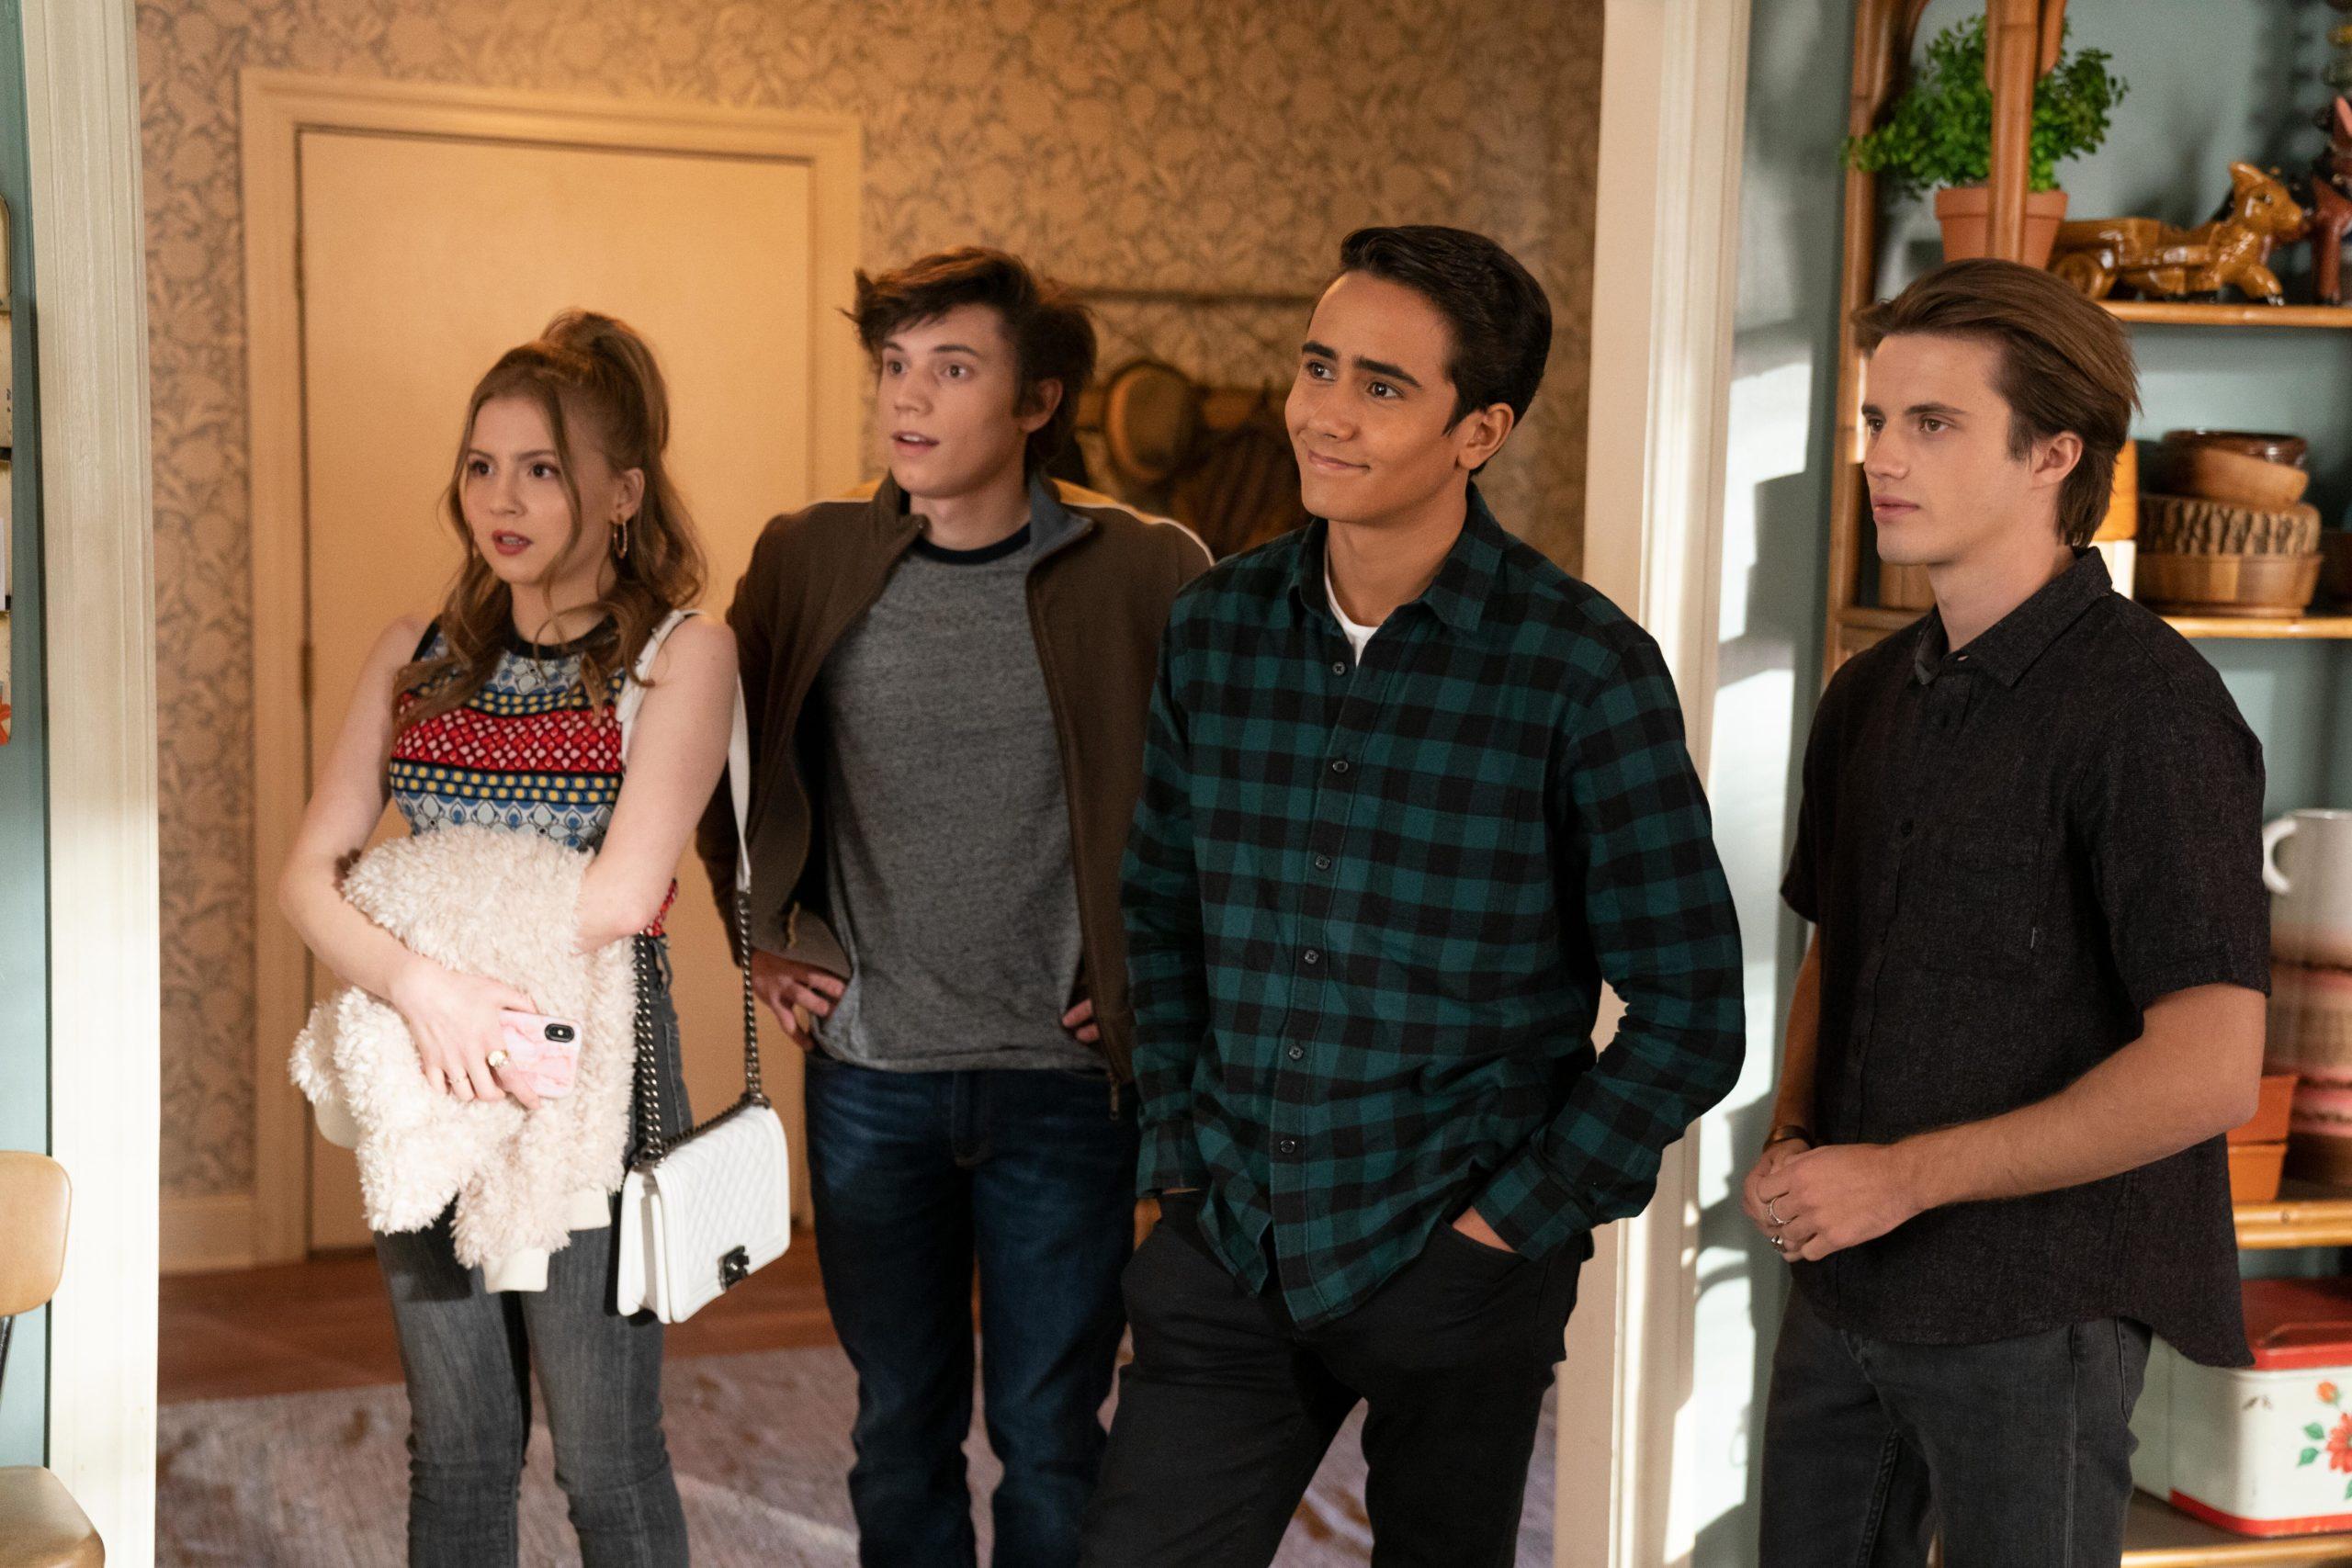 Amour, Victor : Saison 3 ?  La série télévisée Hulu a-t-elle déjà été annulée ou renouvelée?